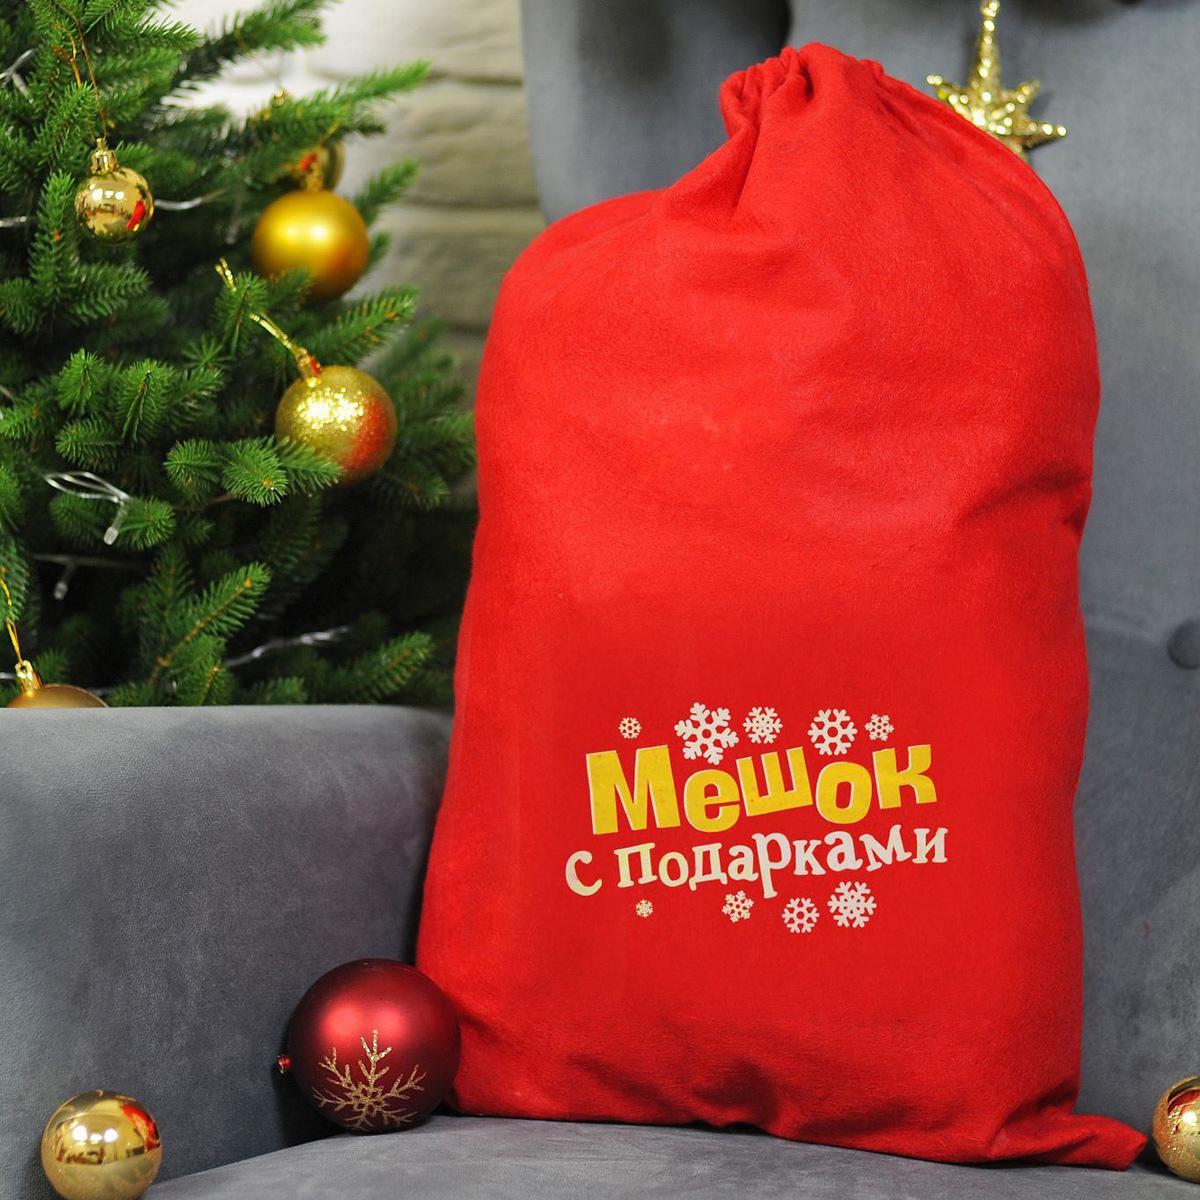 Упаковка подарочная Страна Карнавалия Мешок Деда Мороза с подарками, цвет: красный, 40 х 60 см1365010Подарочная упаковка Страна Карнавалия Мешок Деда Мороза с подарками превратит любое торжество в настоящий яркий и веселый карнавал полный сюрпризов и смеха. Яркий красный аксессуар с надписью дополнит любой праздничный наряд, и все близкие будут рады получить из рук краснощекого персонажа заслуженный подарок!Размер: 40 х 60 см.